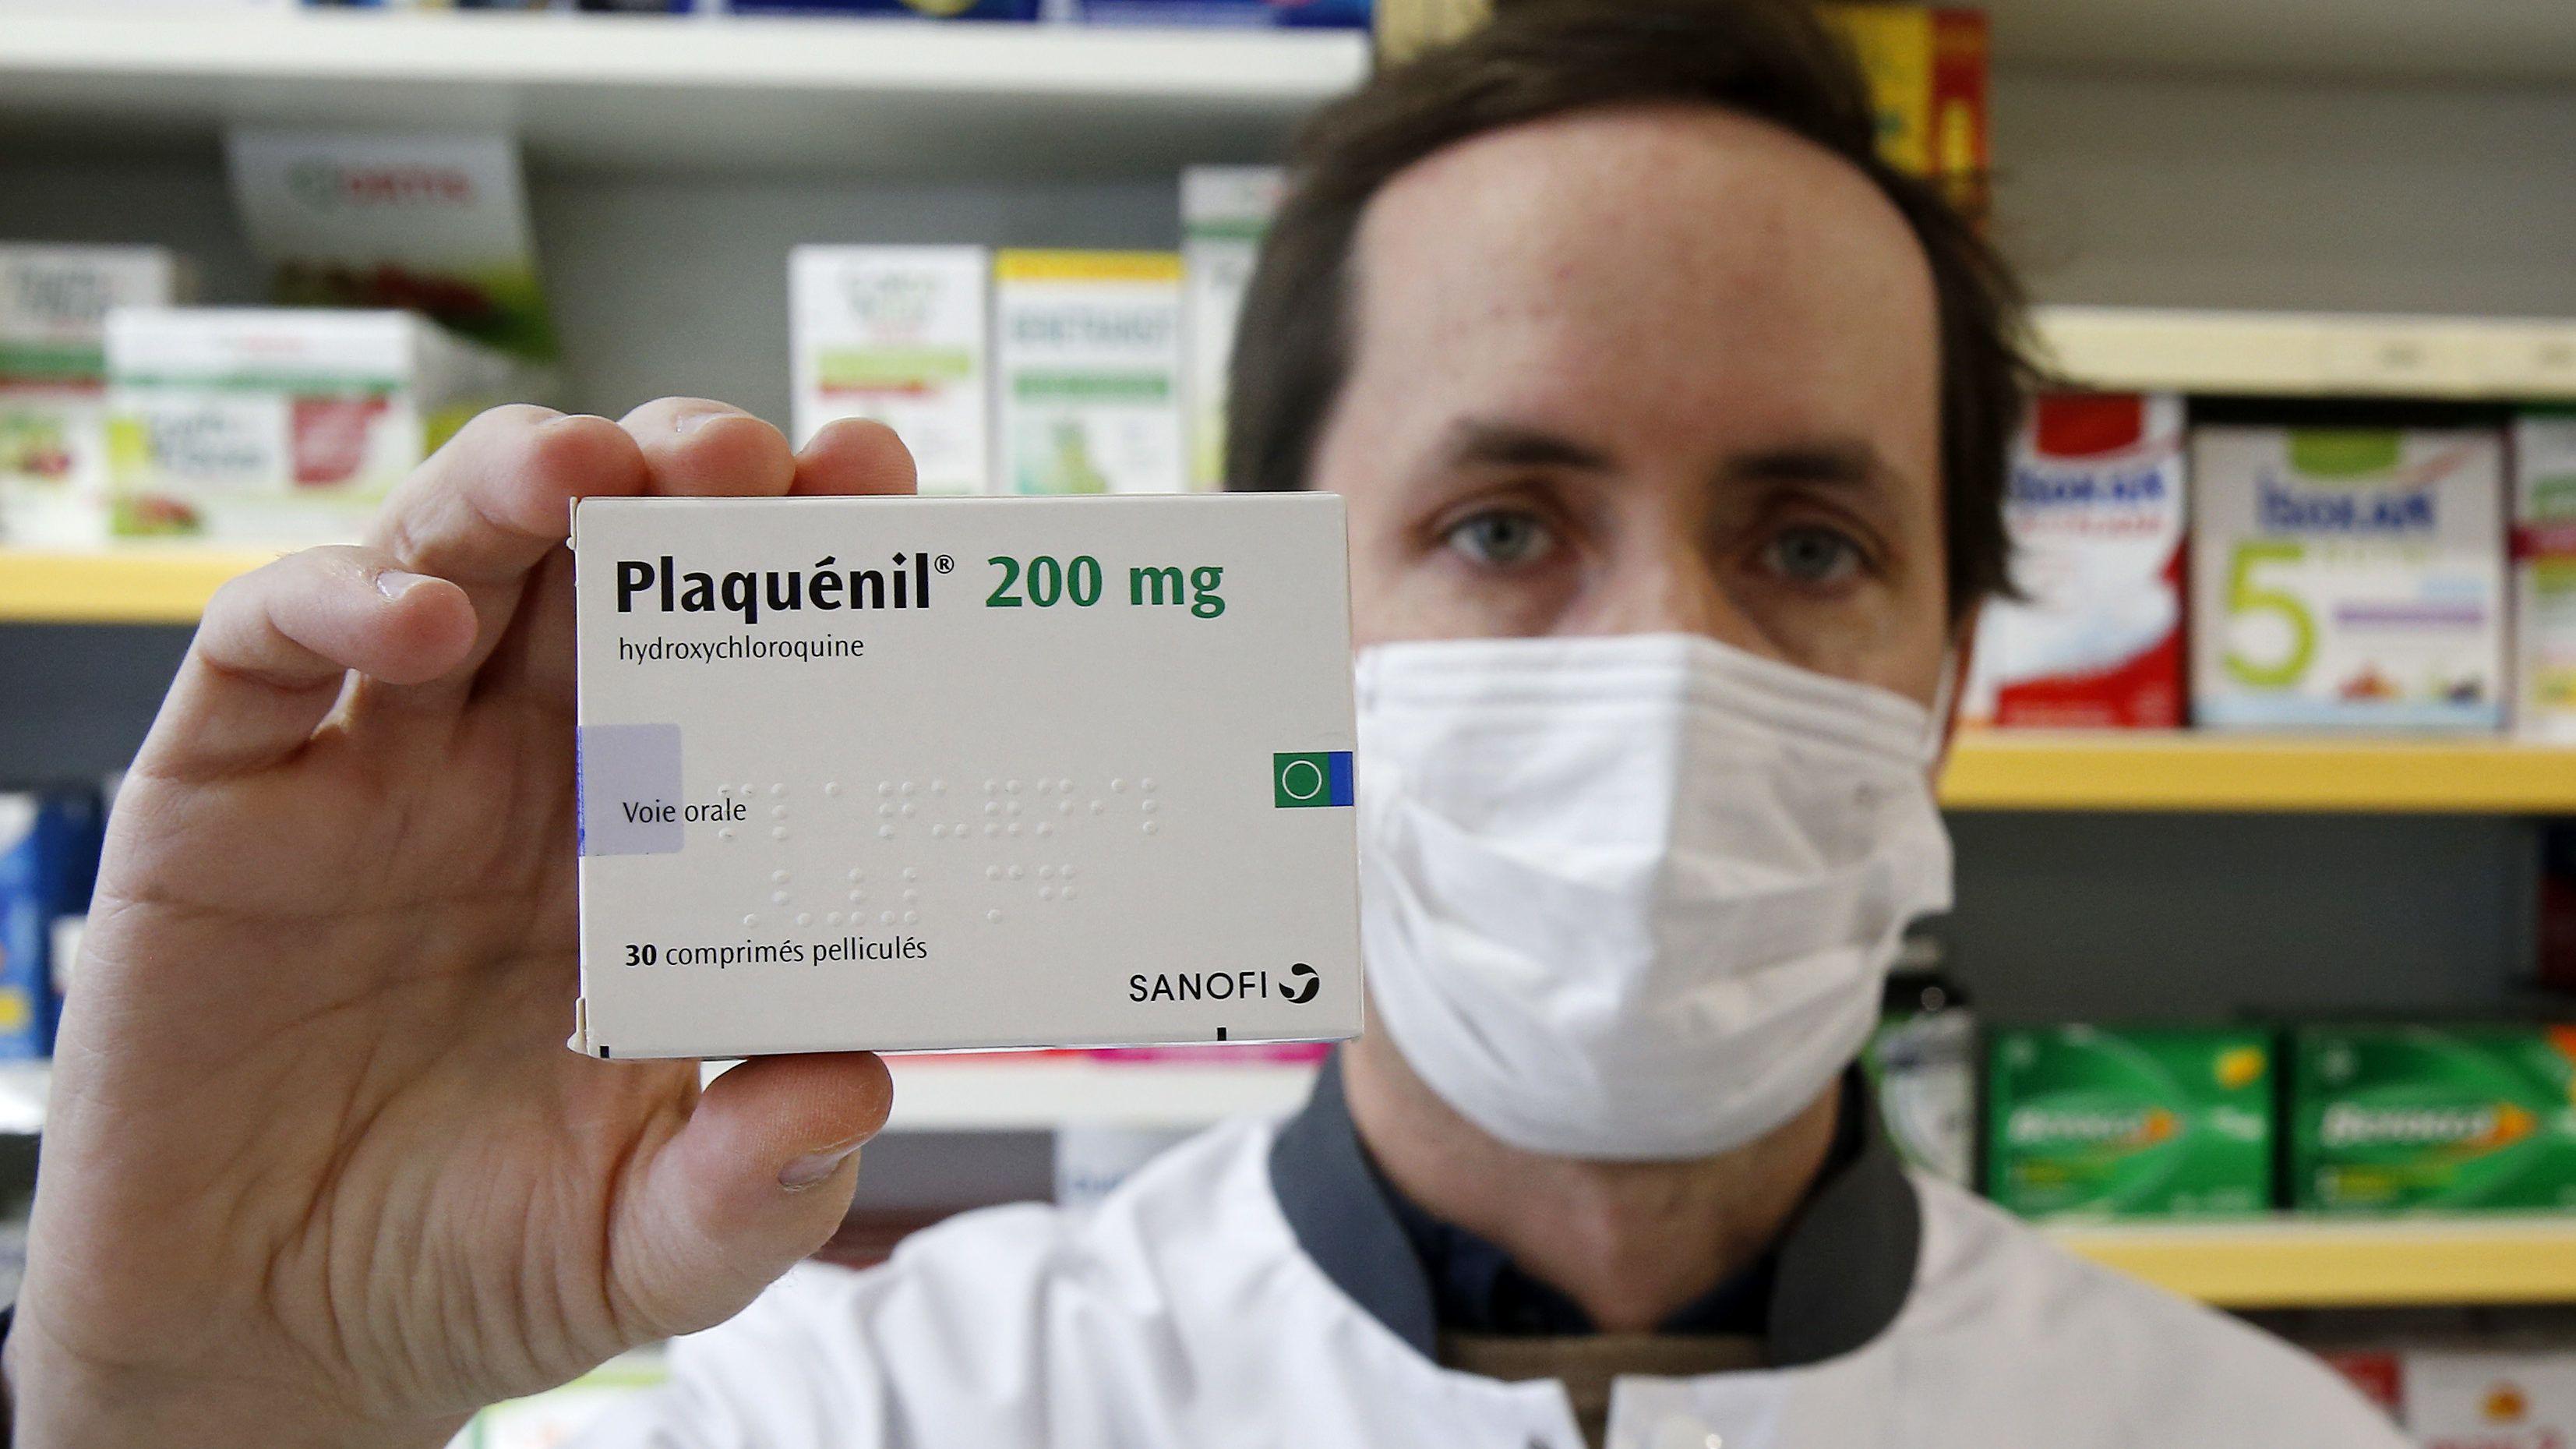 Német gyógyszer pikkelysömörhöz